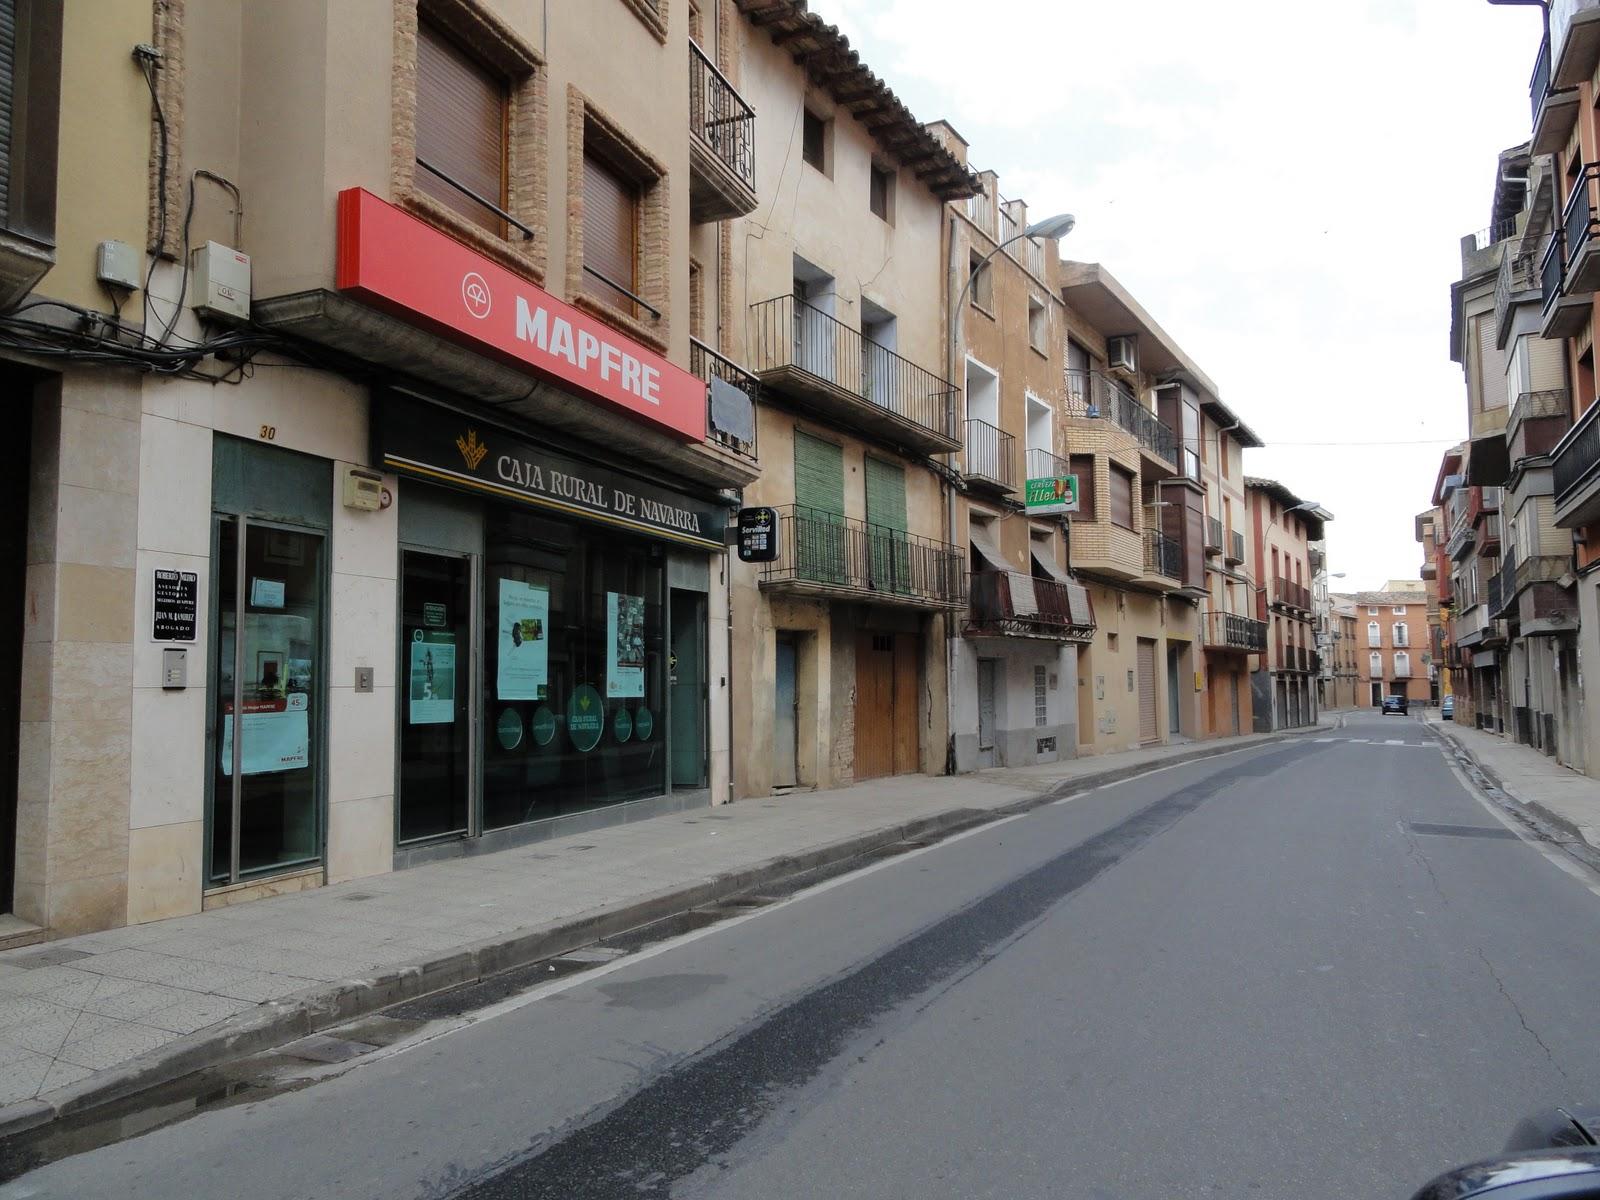 Noticias de fitero la primera entidad bancaria for Caja rural navarra oficinas